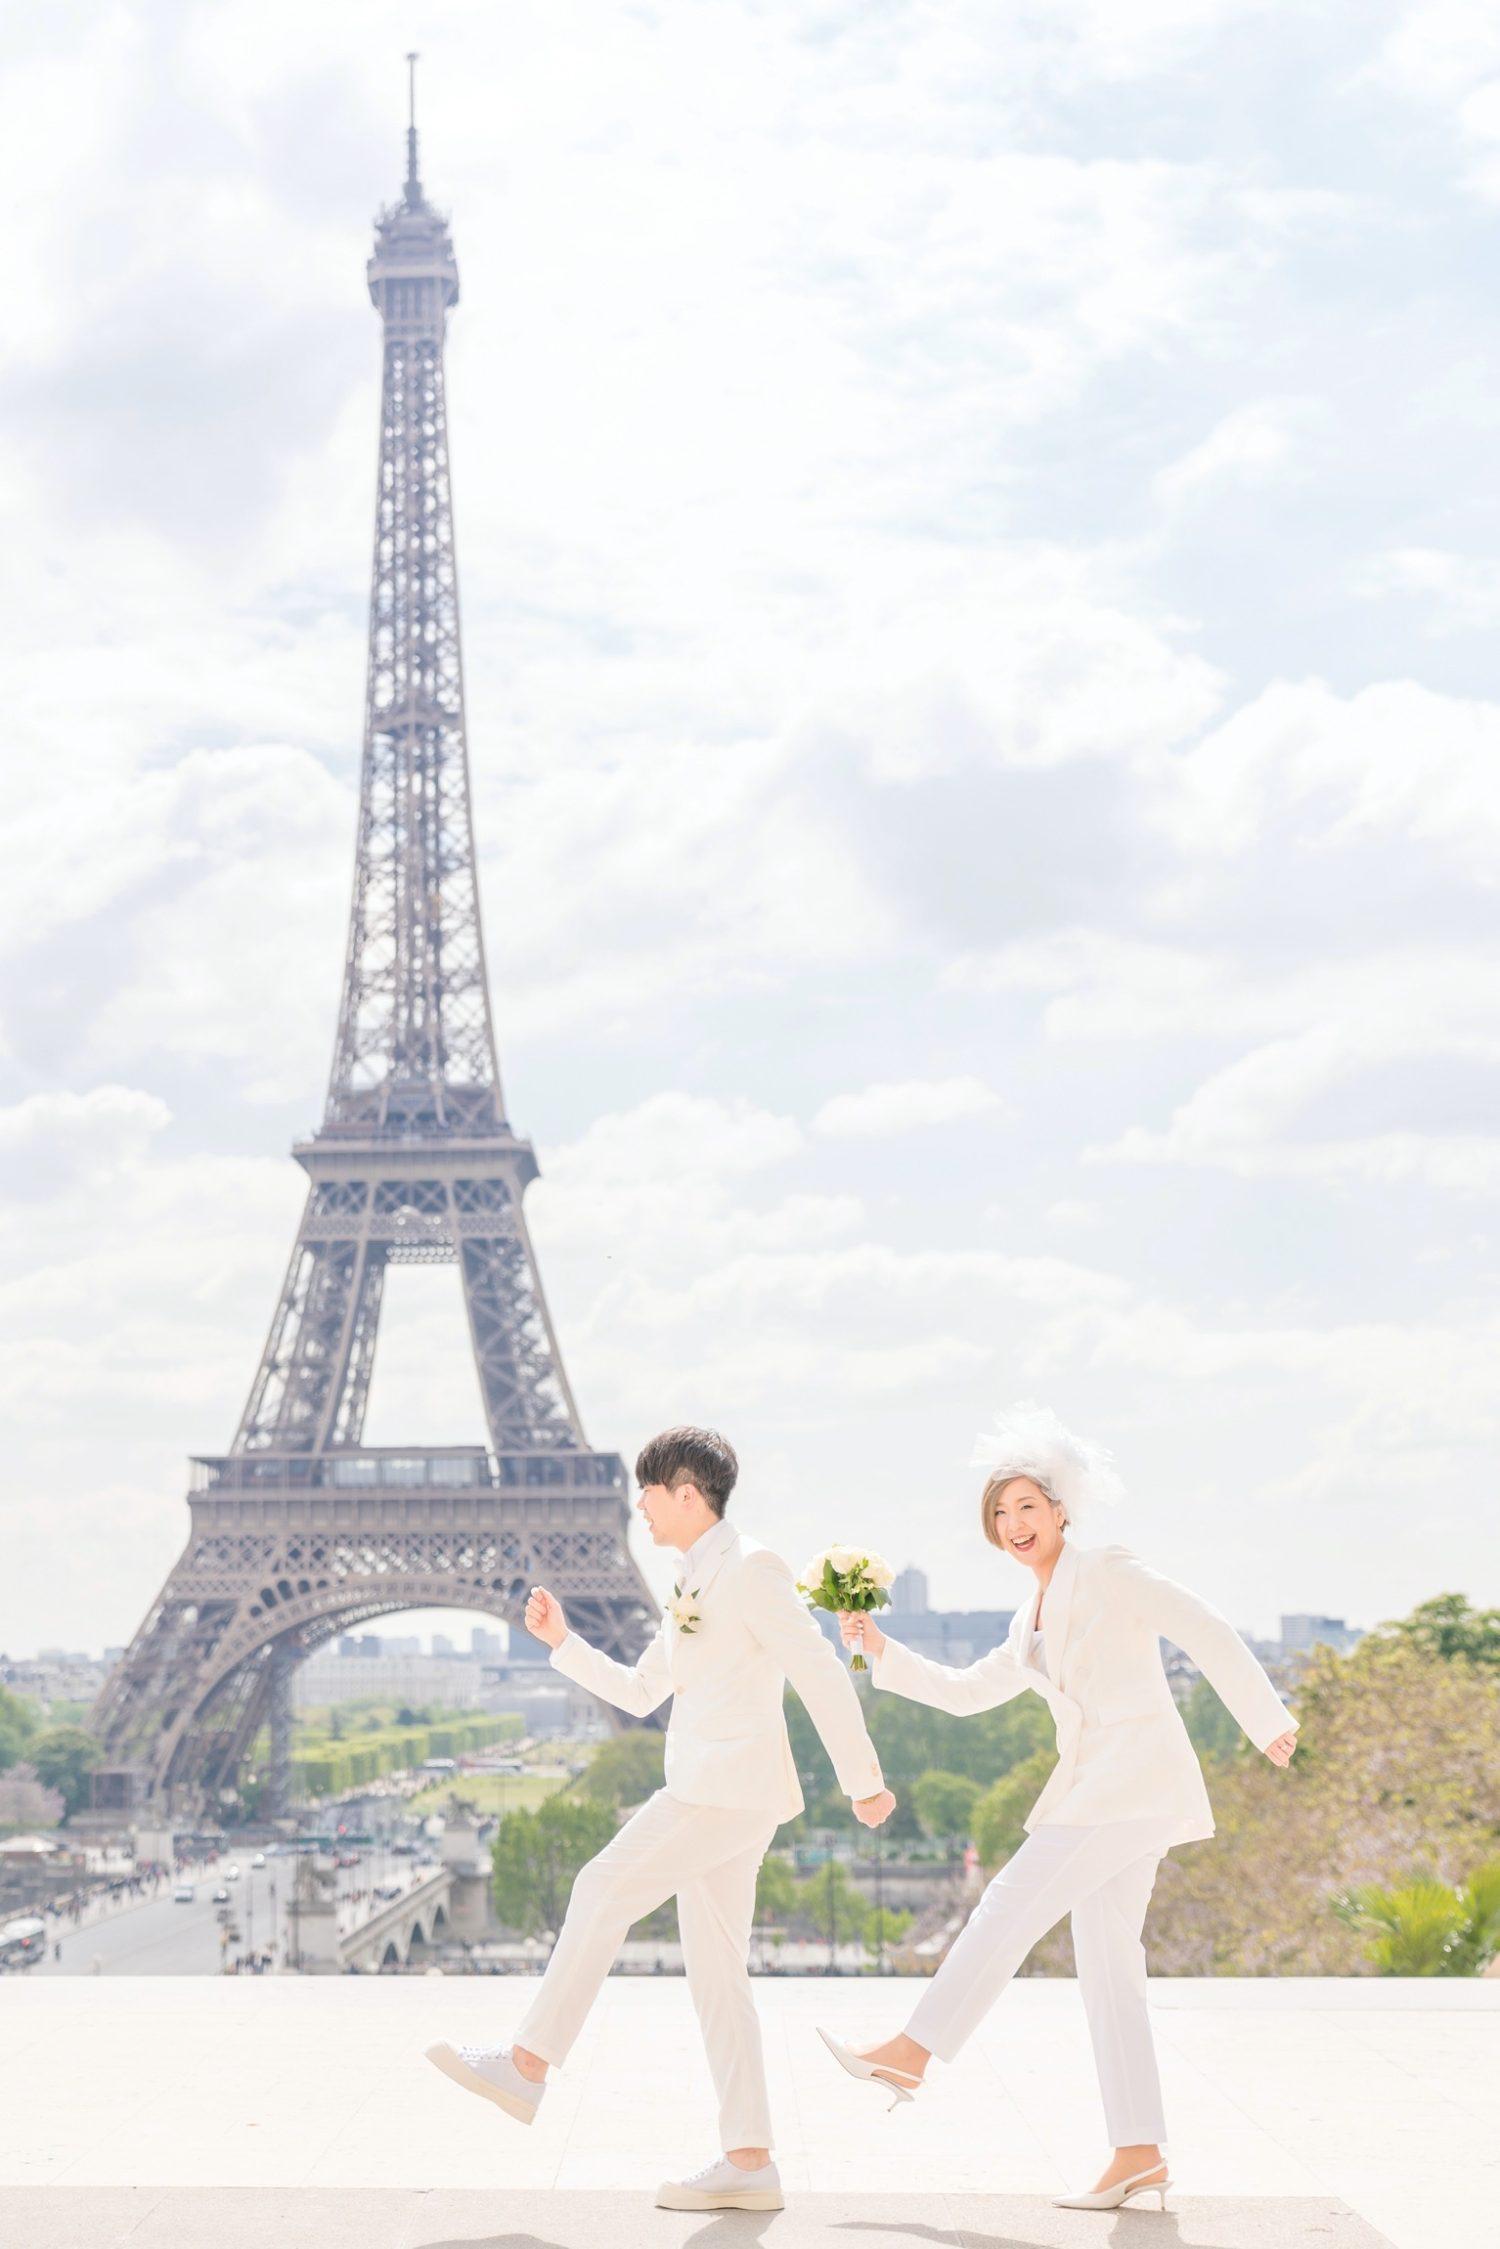 【エッフェル塔でウェディングフォト】 – パリのシンボル⑤